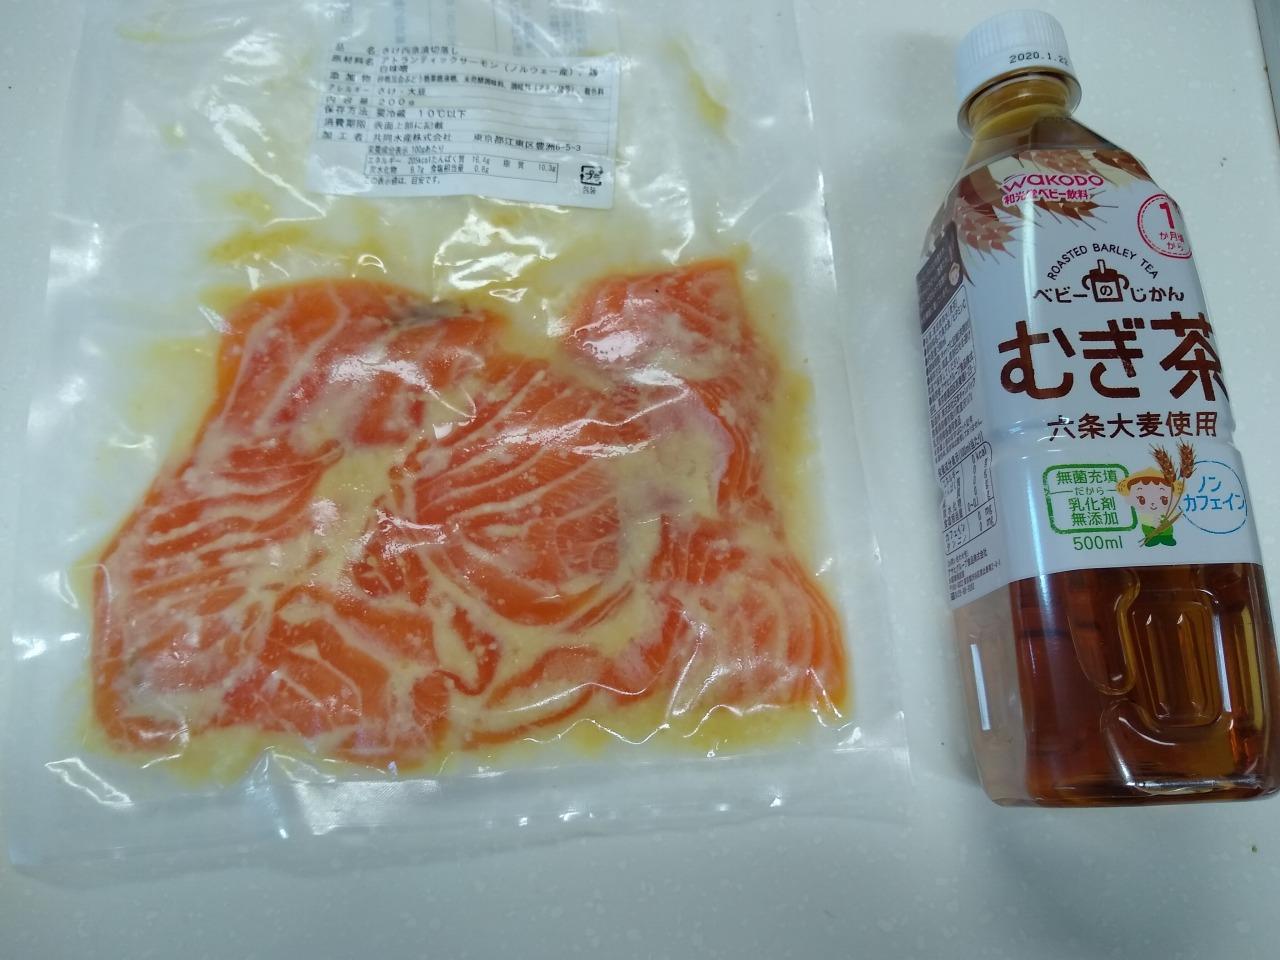 クックパッドマートの鮮魚